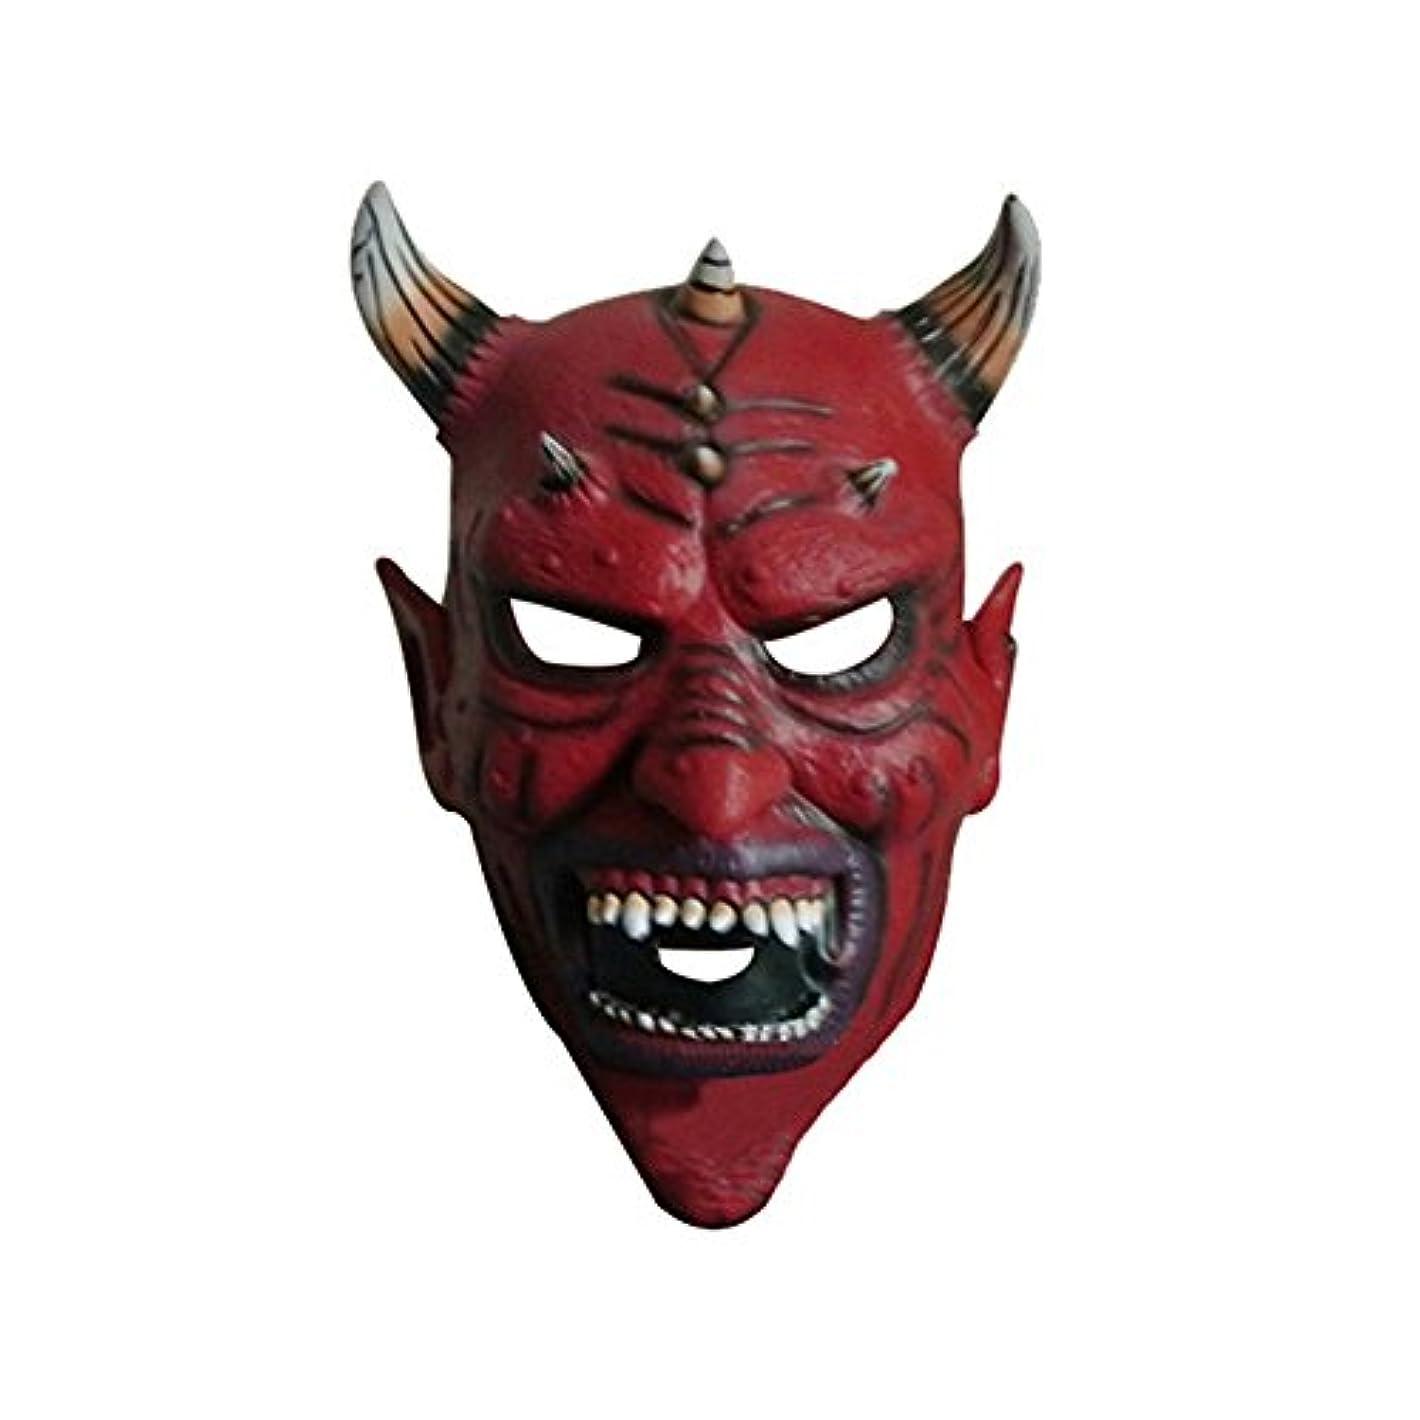 許す調和またはどちらかハロウィーンデビルカーニバルナイトパーティーホーンヘッドマスク